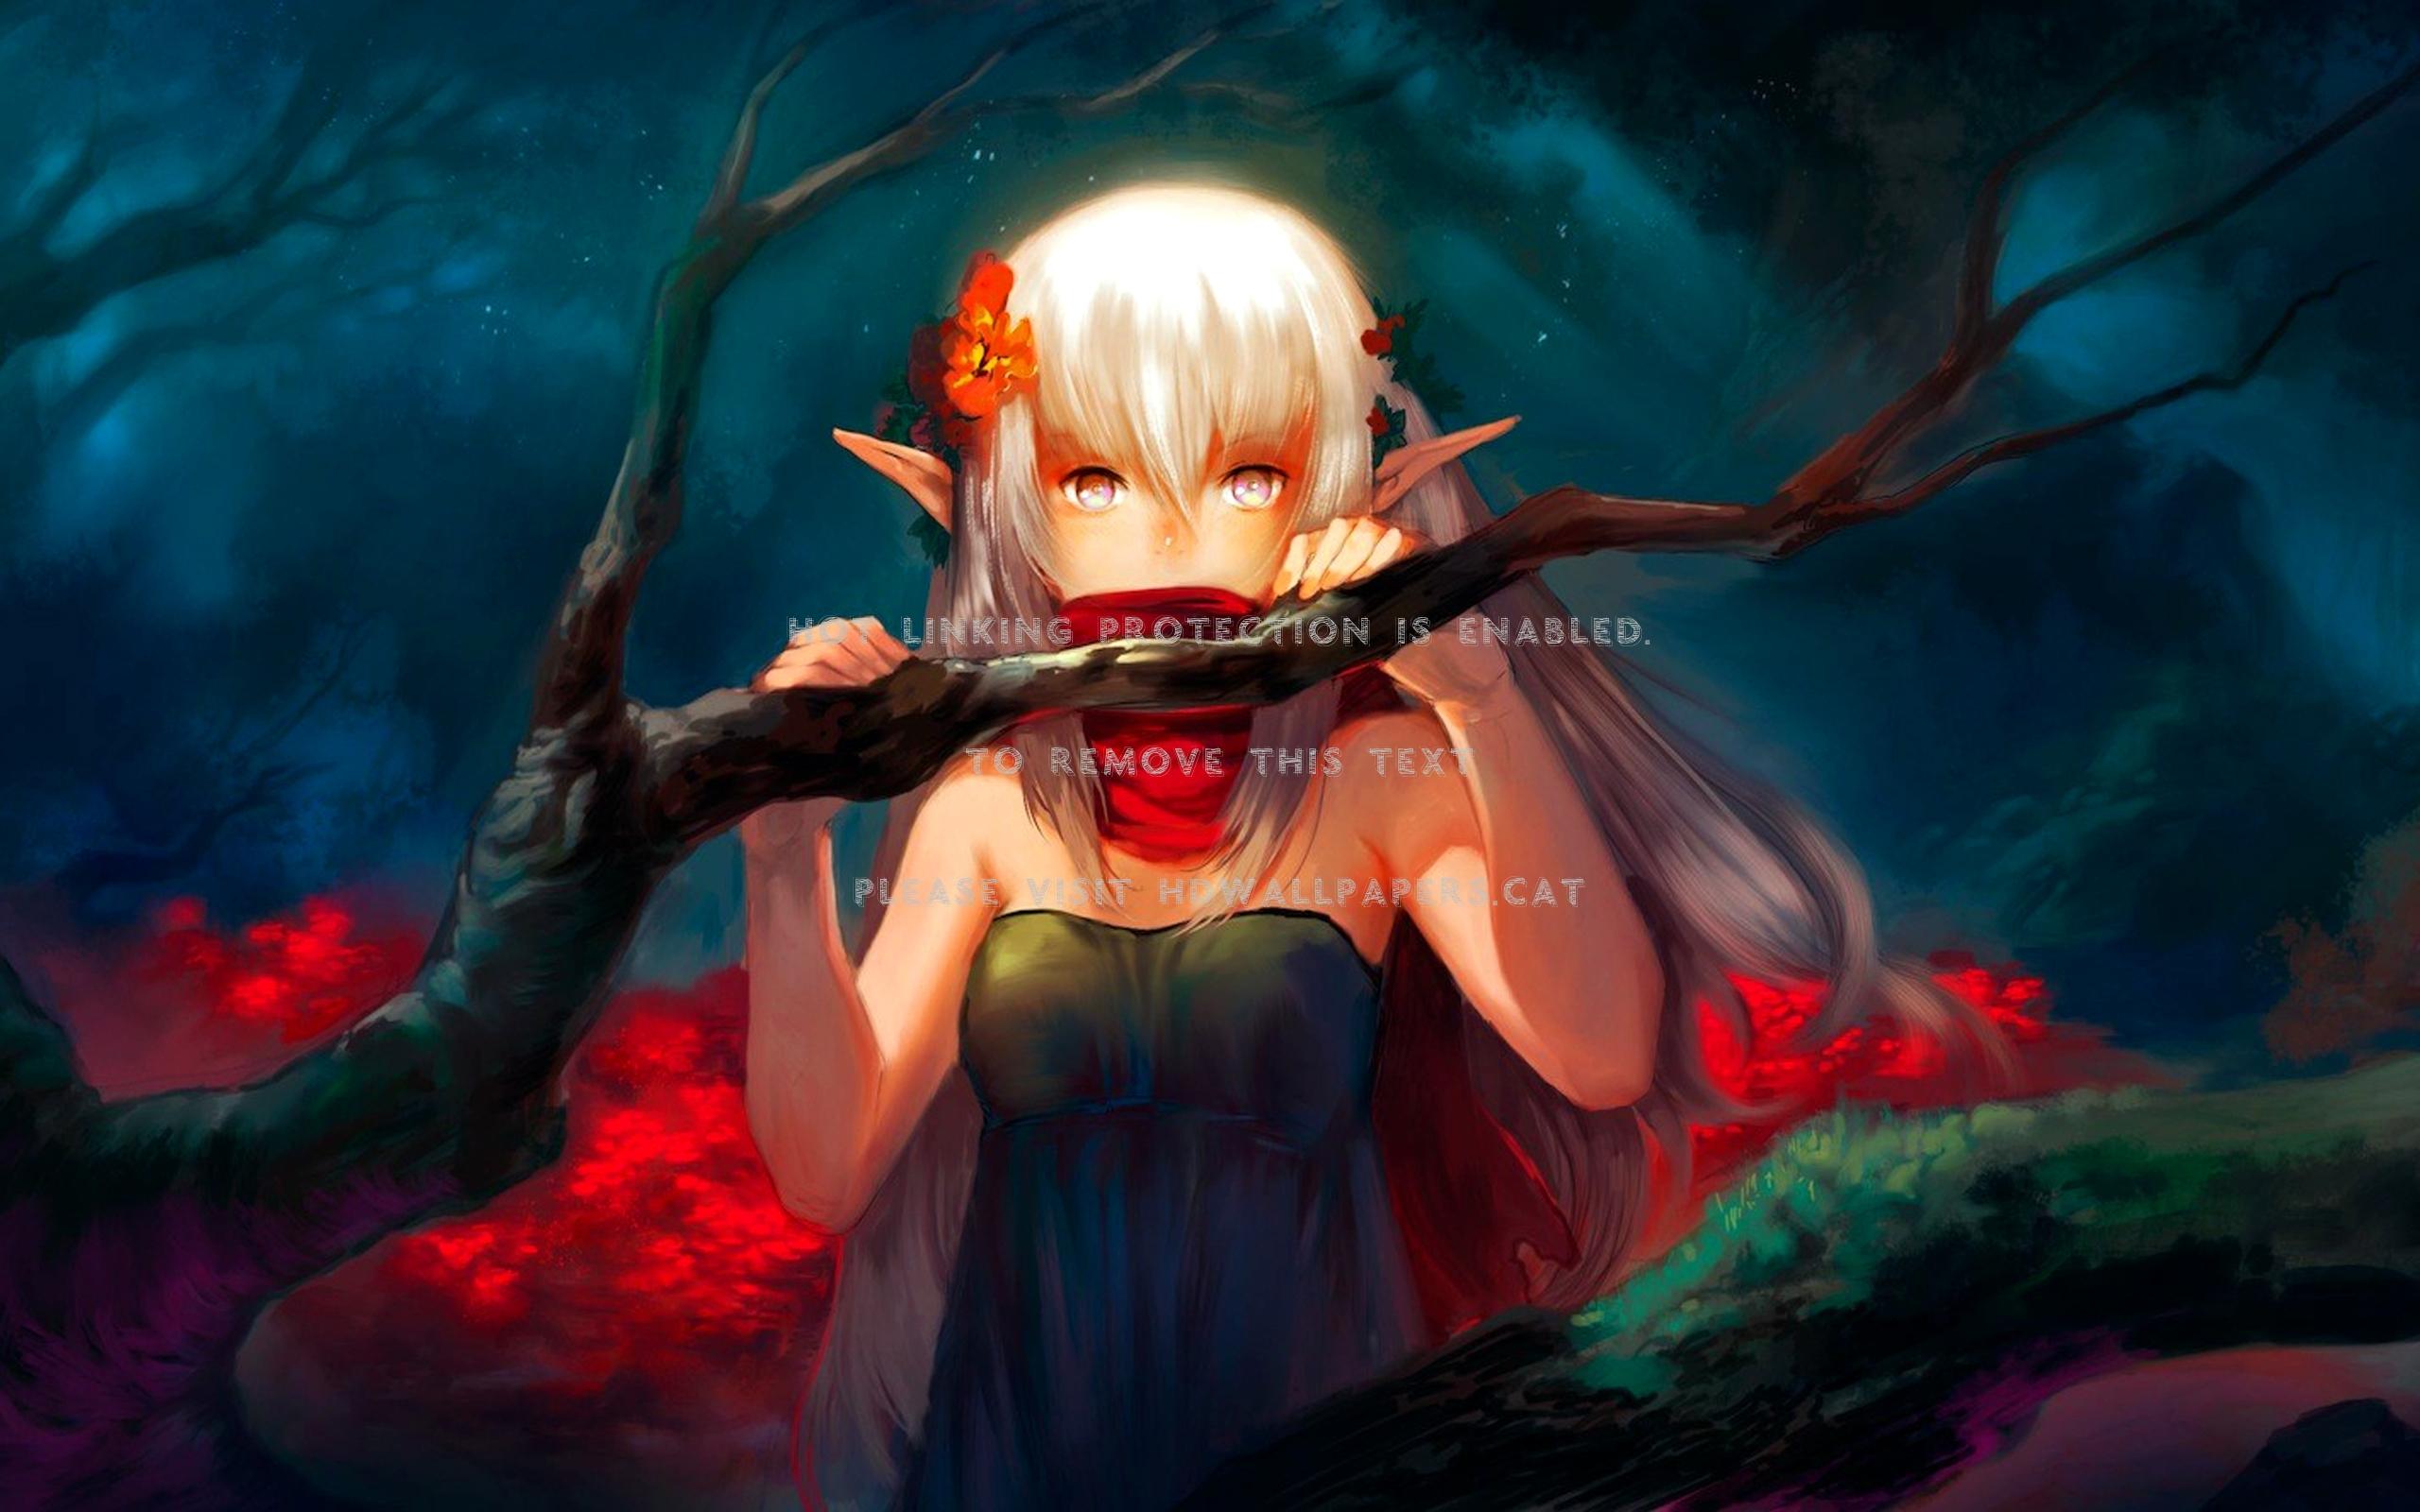 Dark Fairy Fantasy Anime Girl - Anime Girl Elf Fantasy - HD Wallpaper